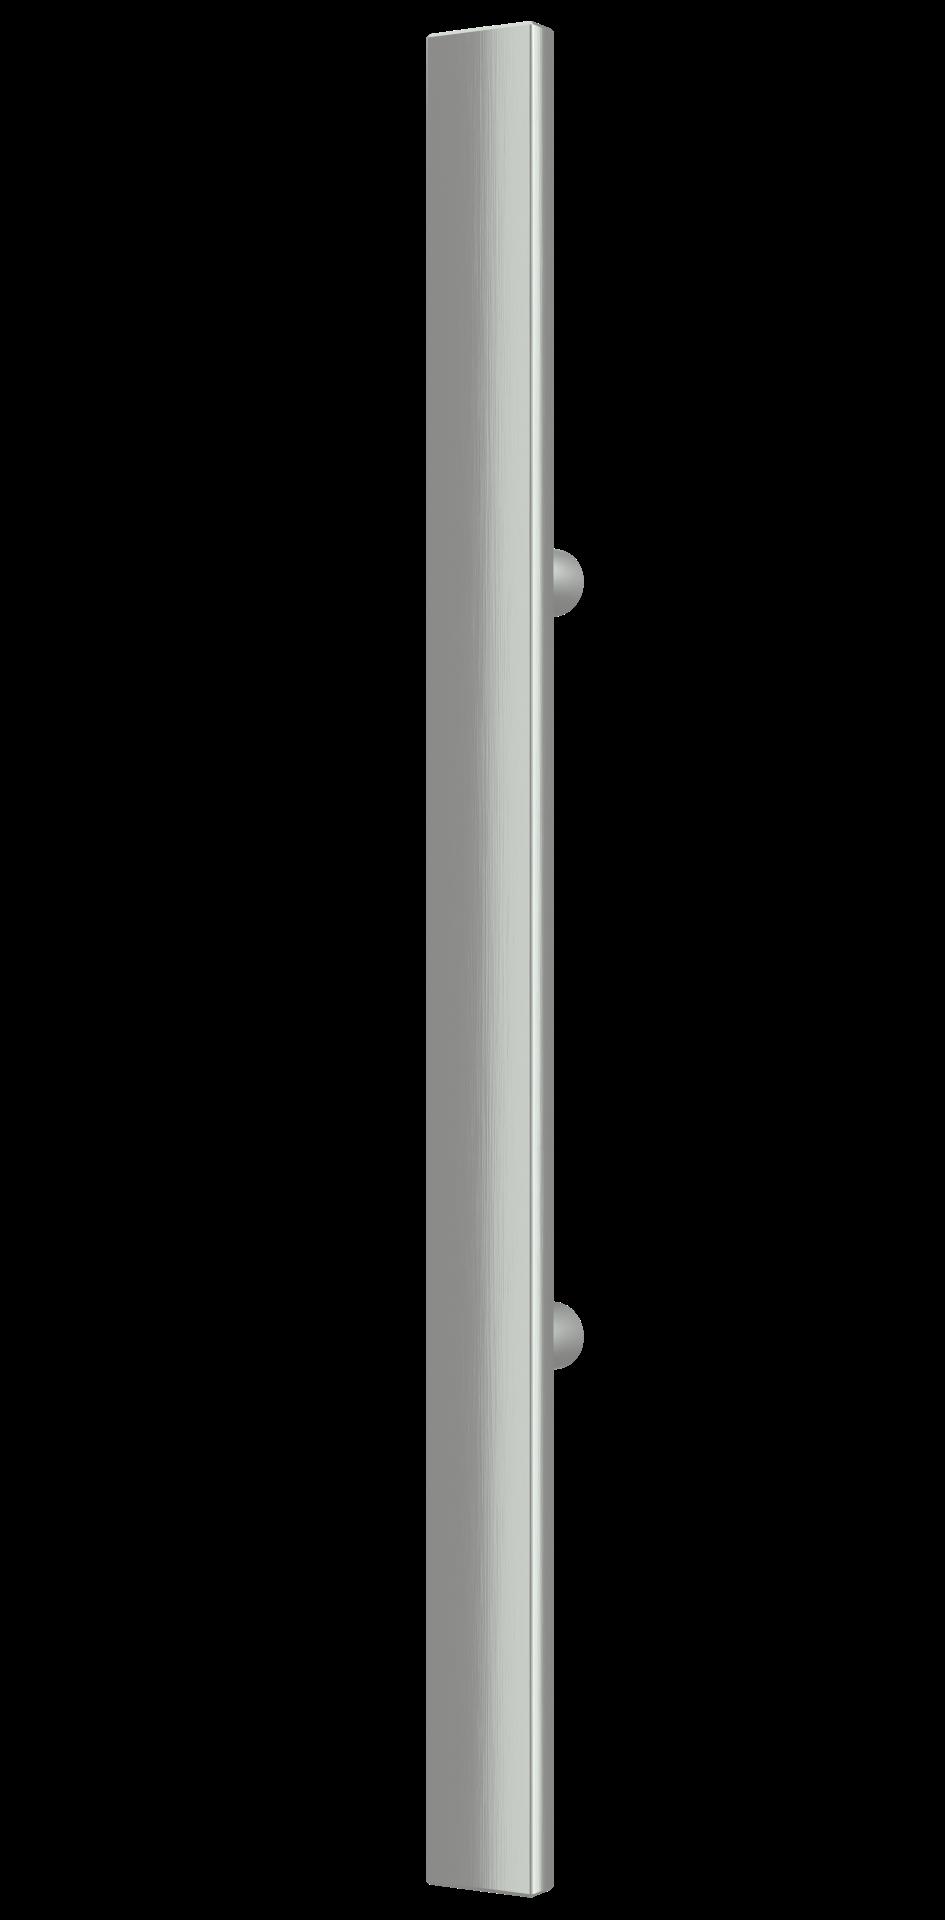 Griffingov ročaj GKV-VN-CPO iz linije Prime Line-inox ročaji za vhodna vrata